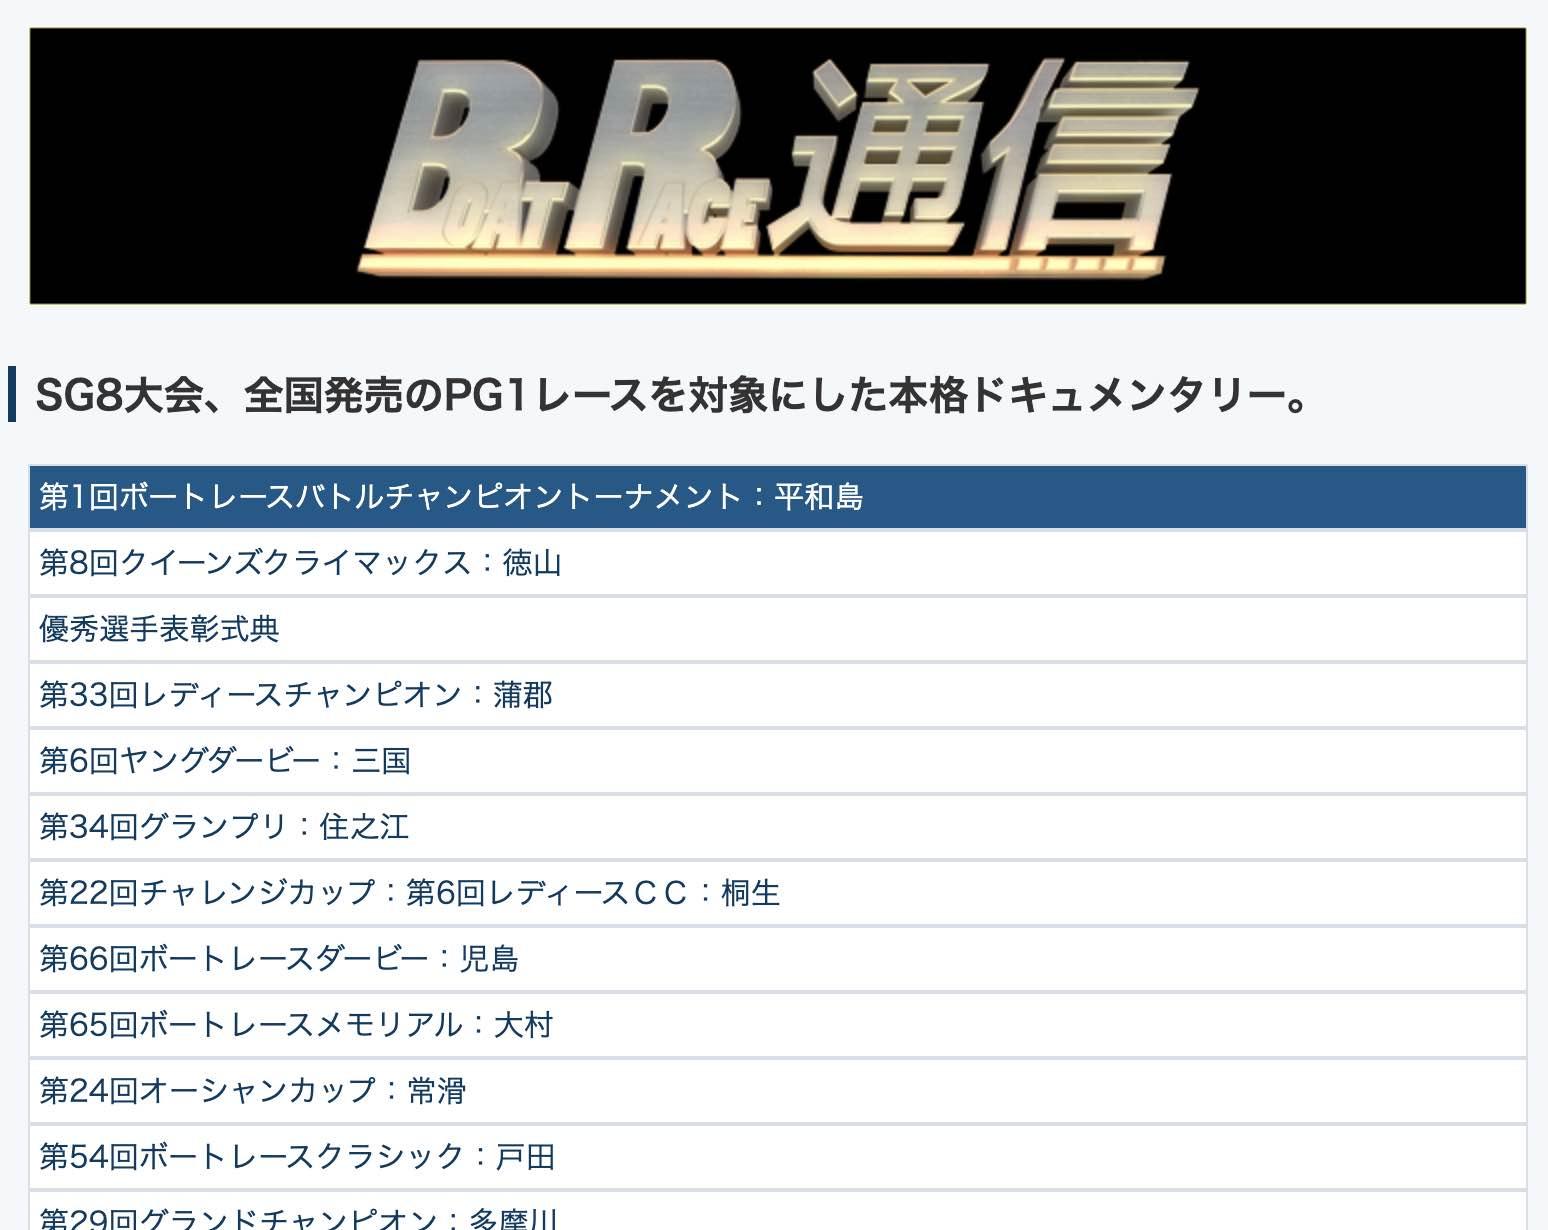 競艇専門チャンネル、日本レジャーチャンネル(JLC)の面白い番組、BOATRACE通信